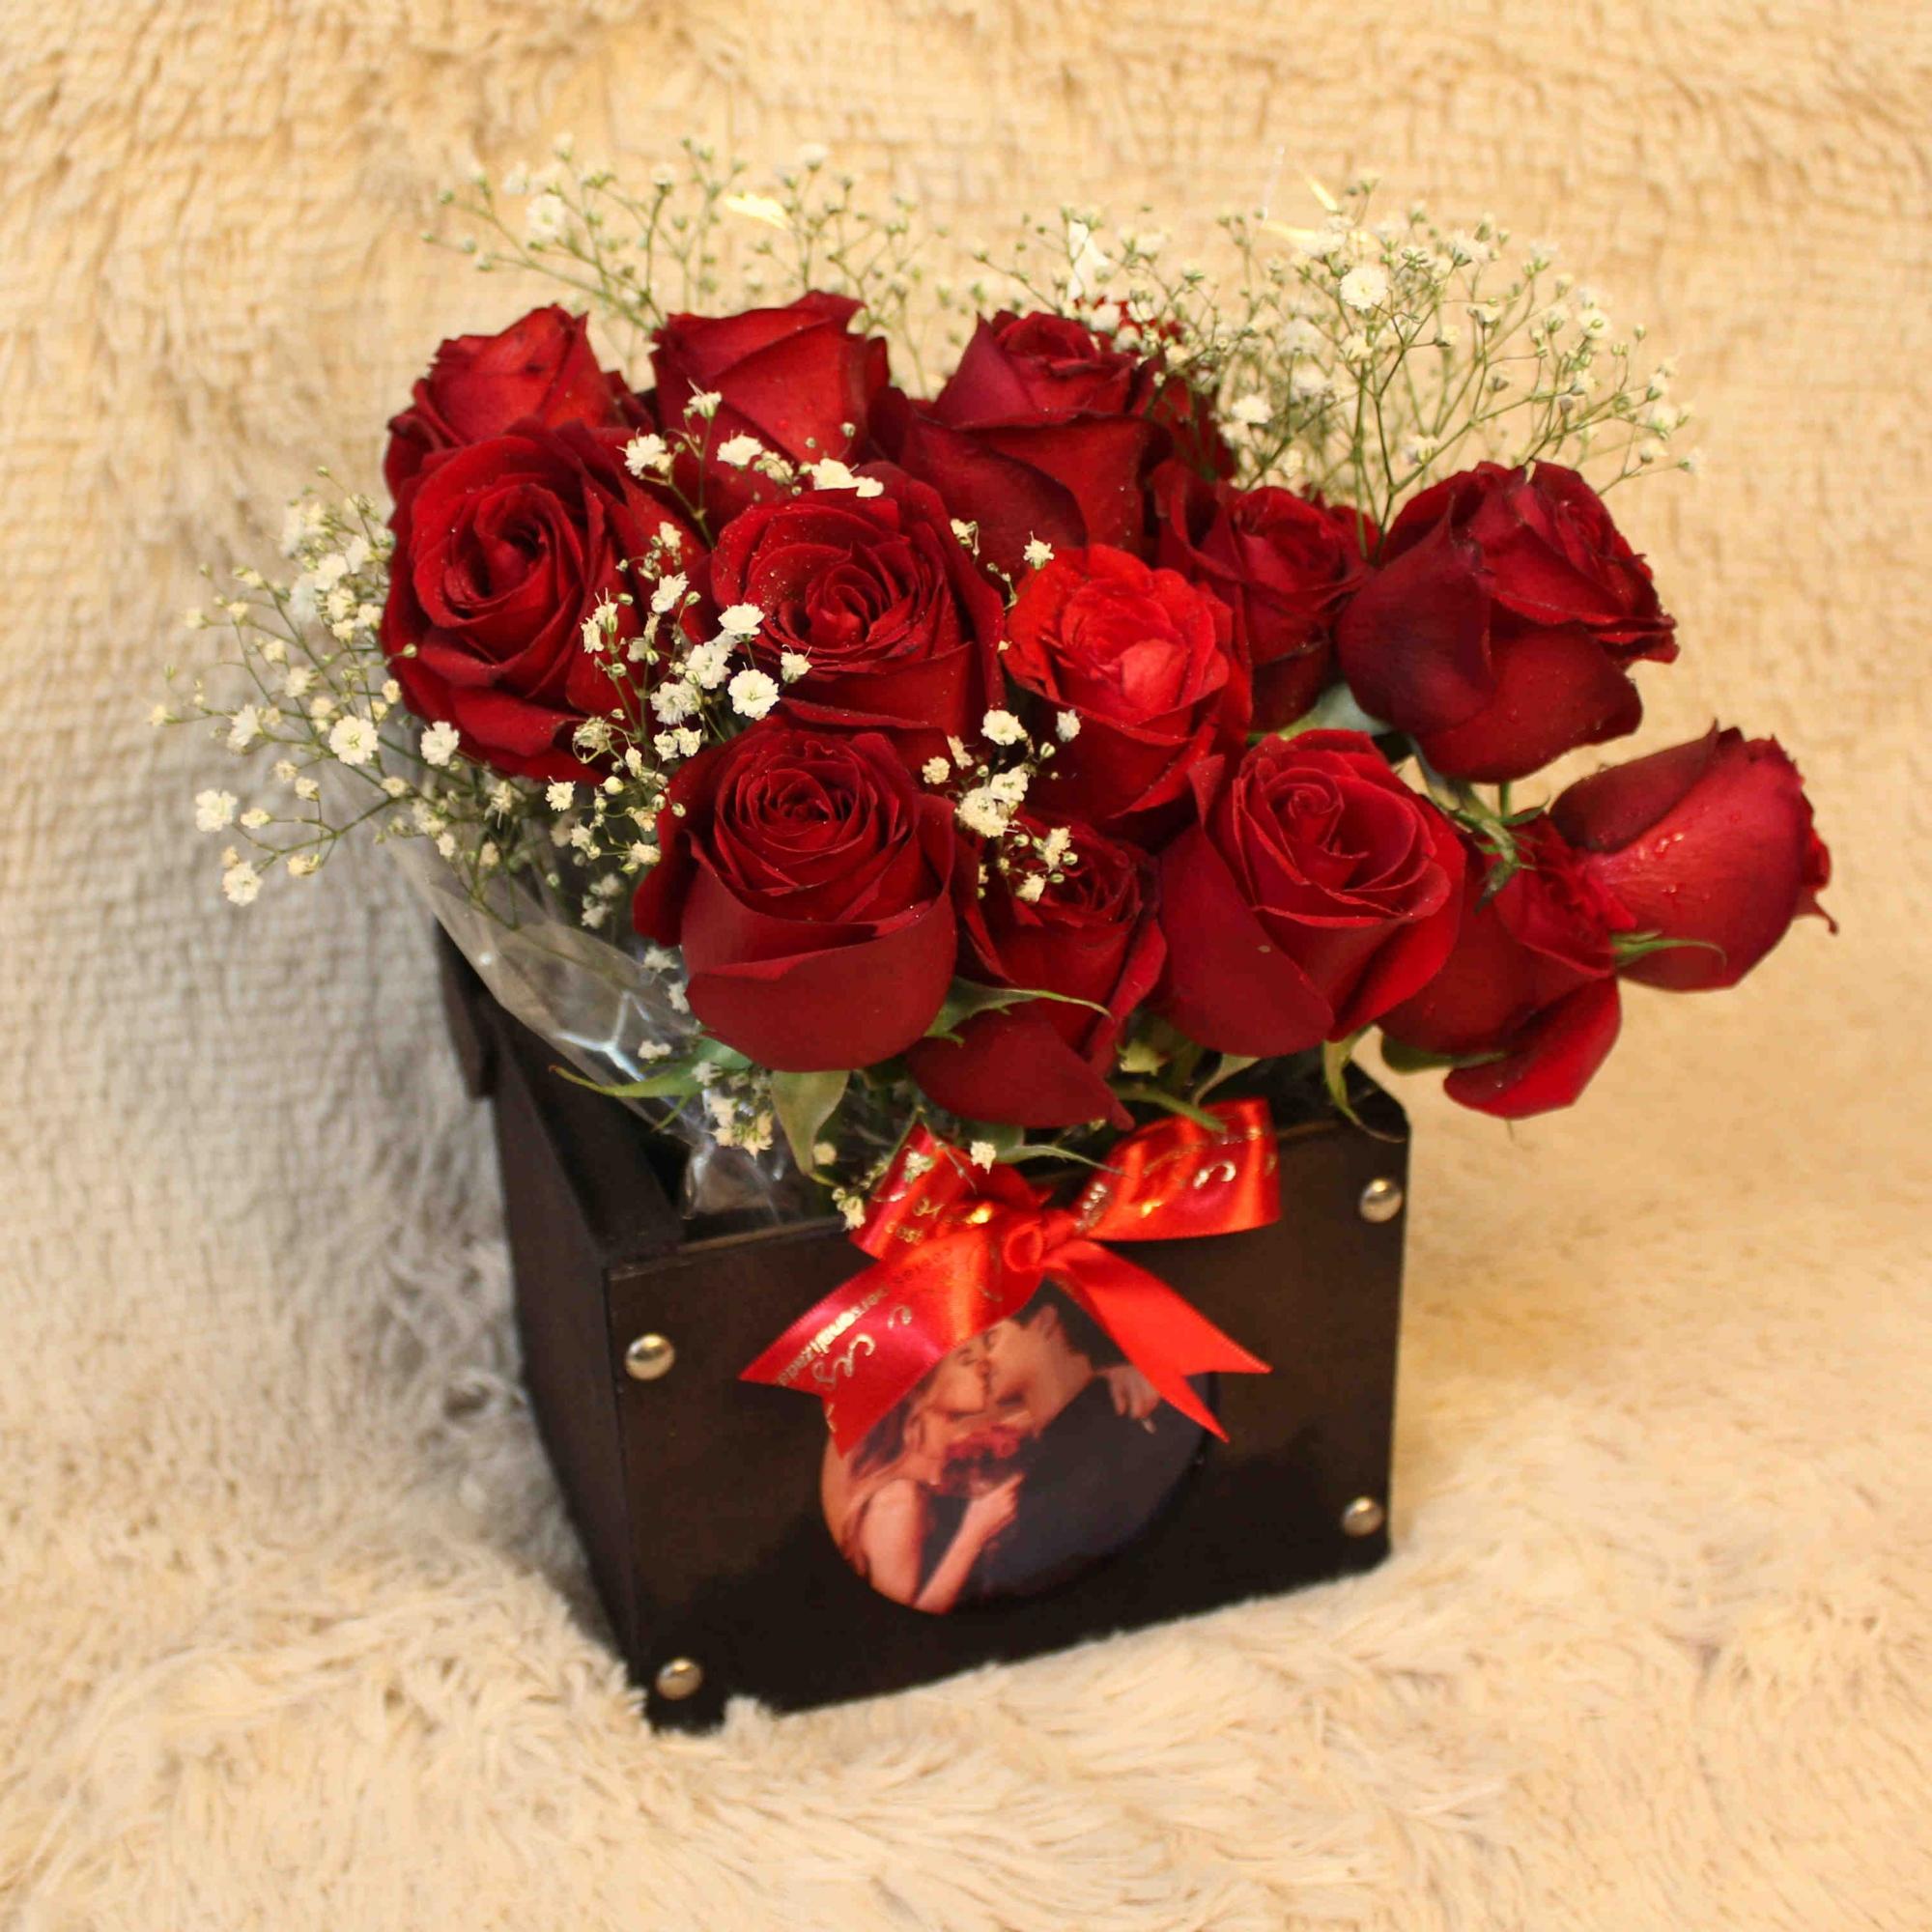 Baú com Rosas e Fotografia